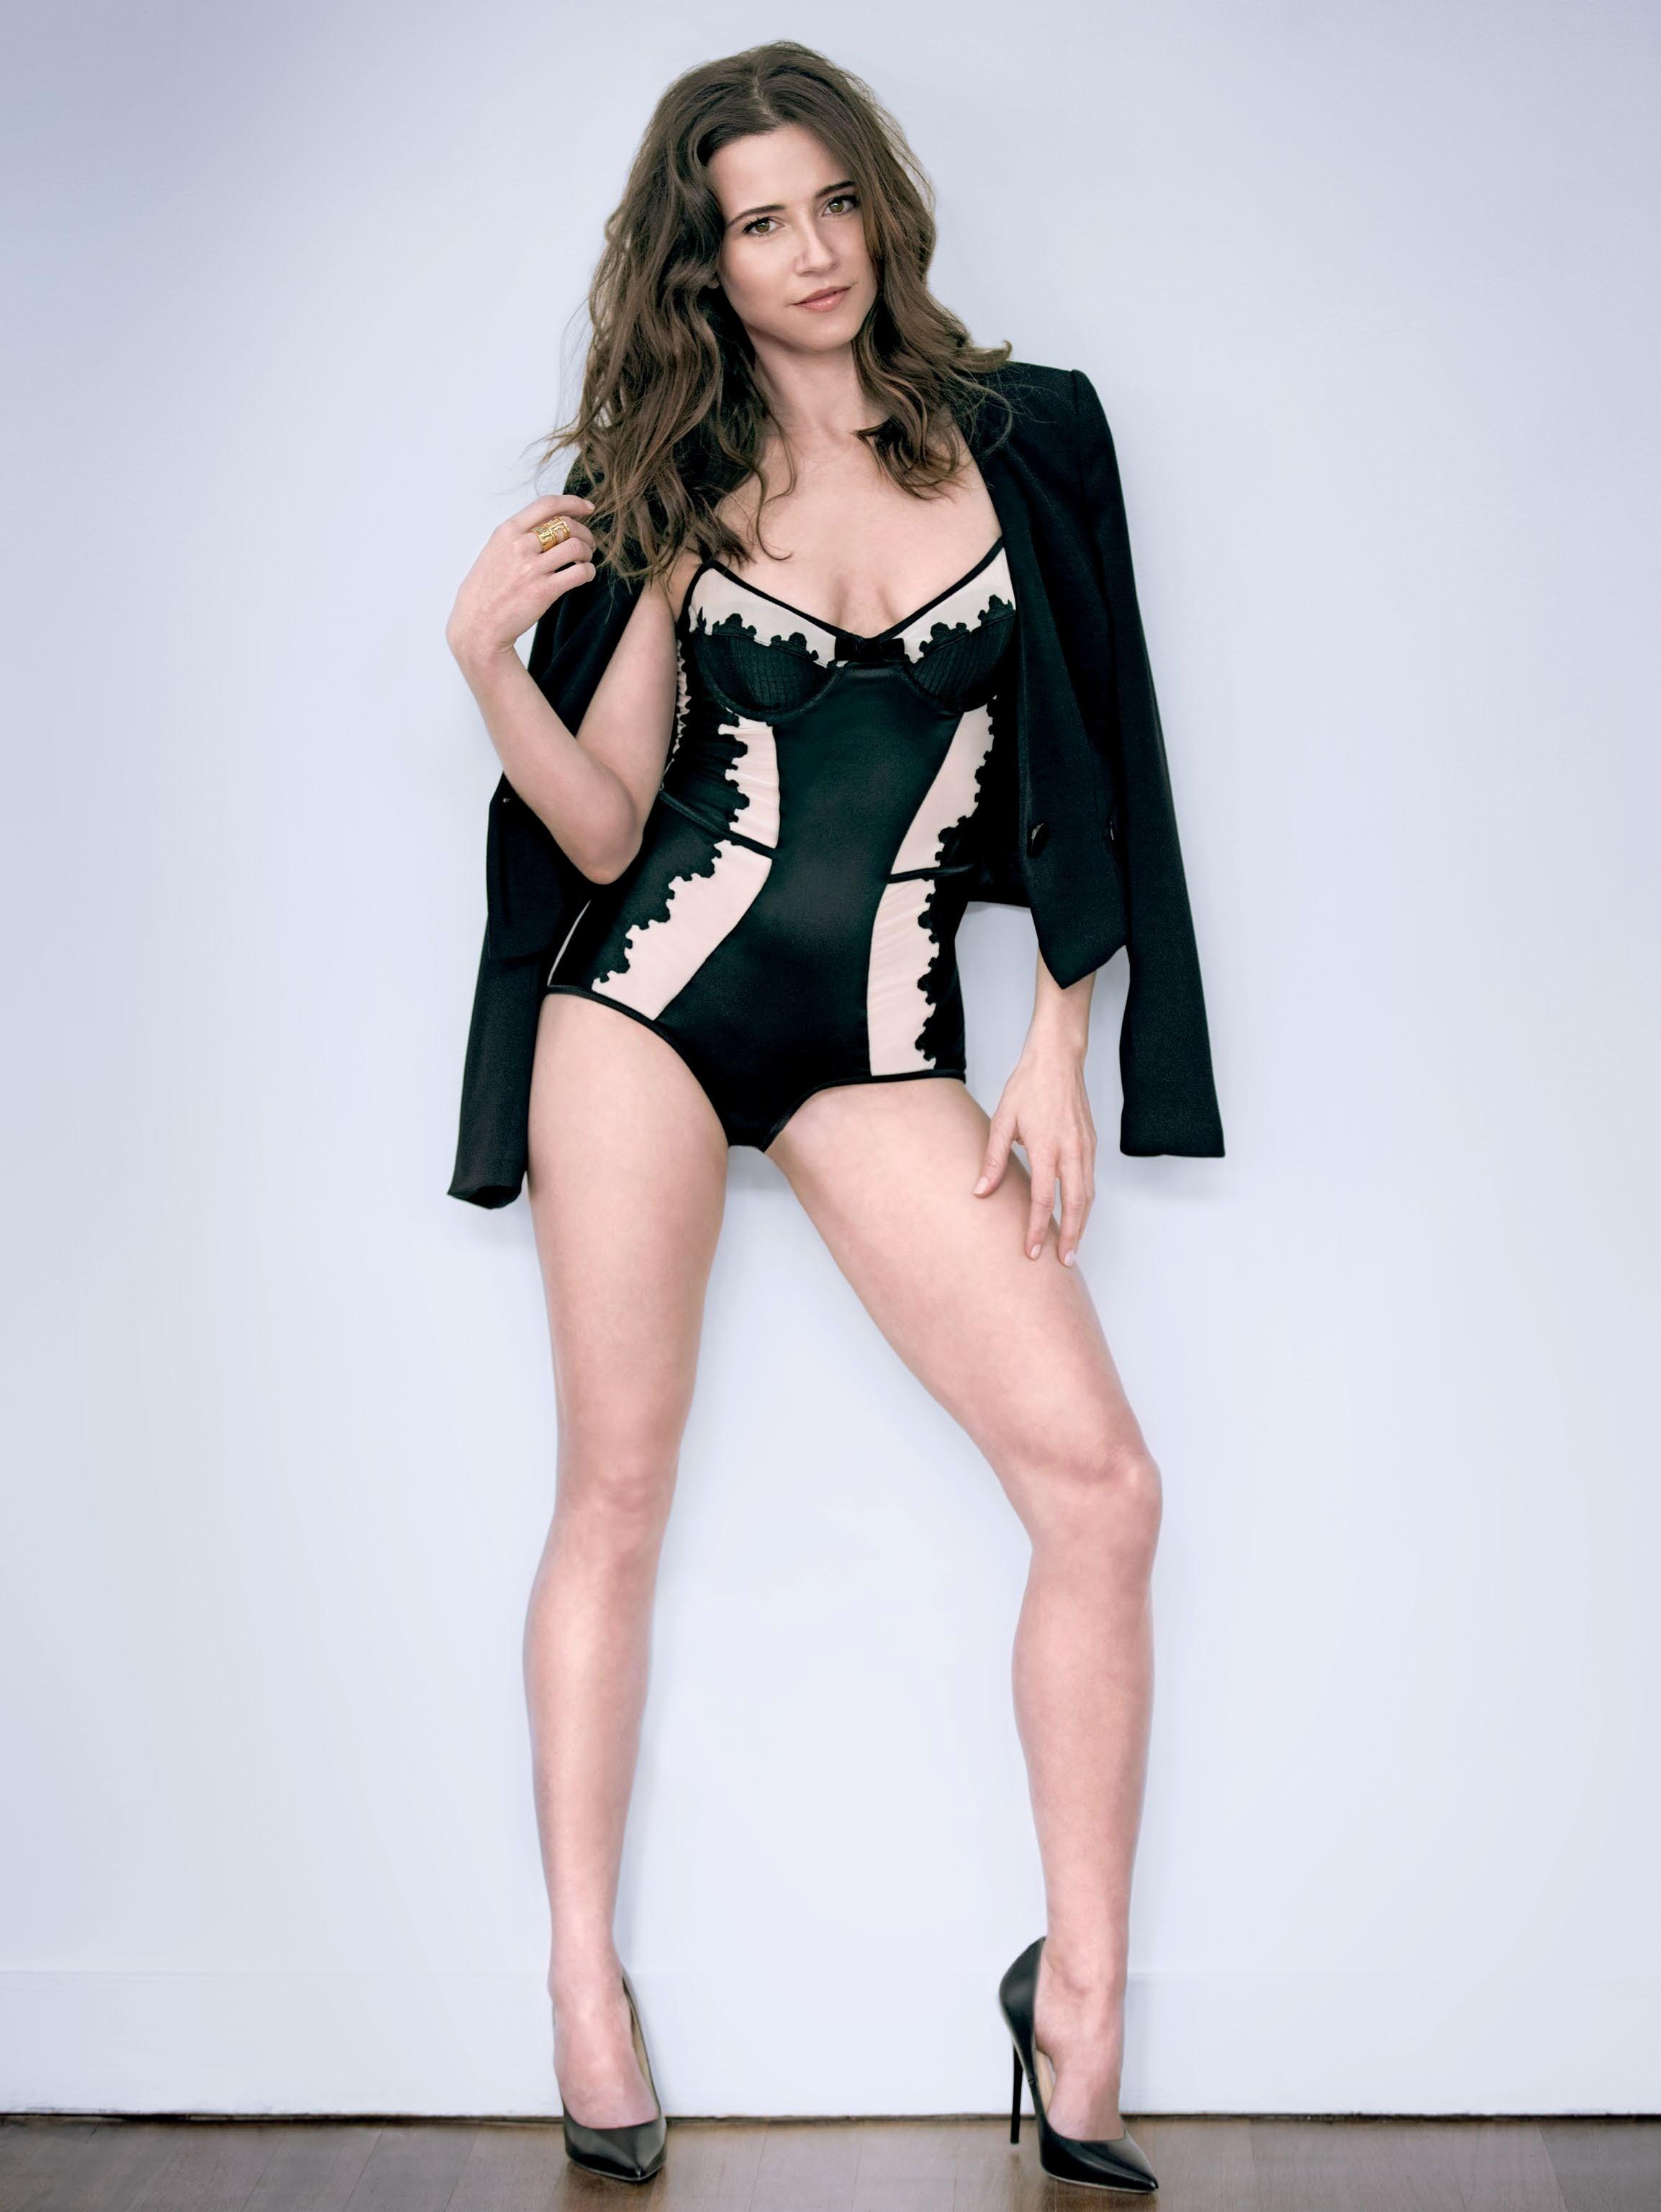 Linda Cardellini Sexy Pics 99